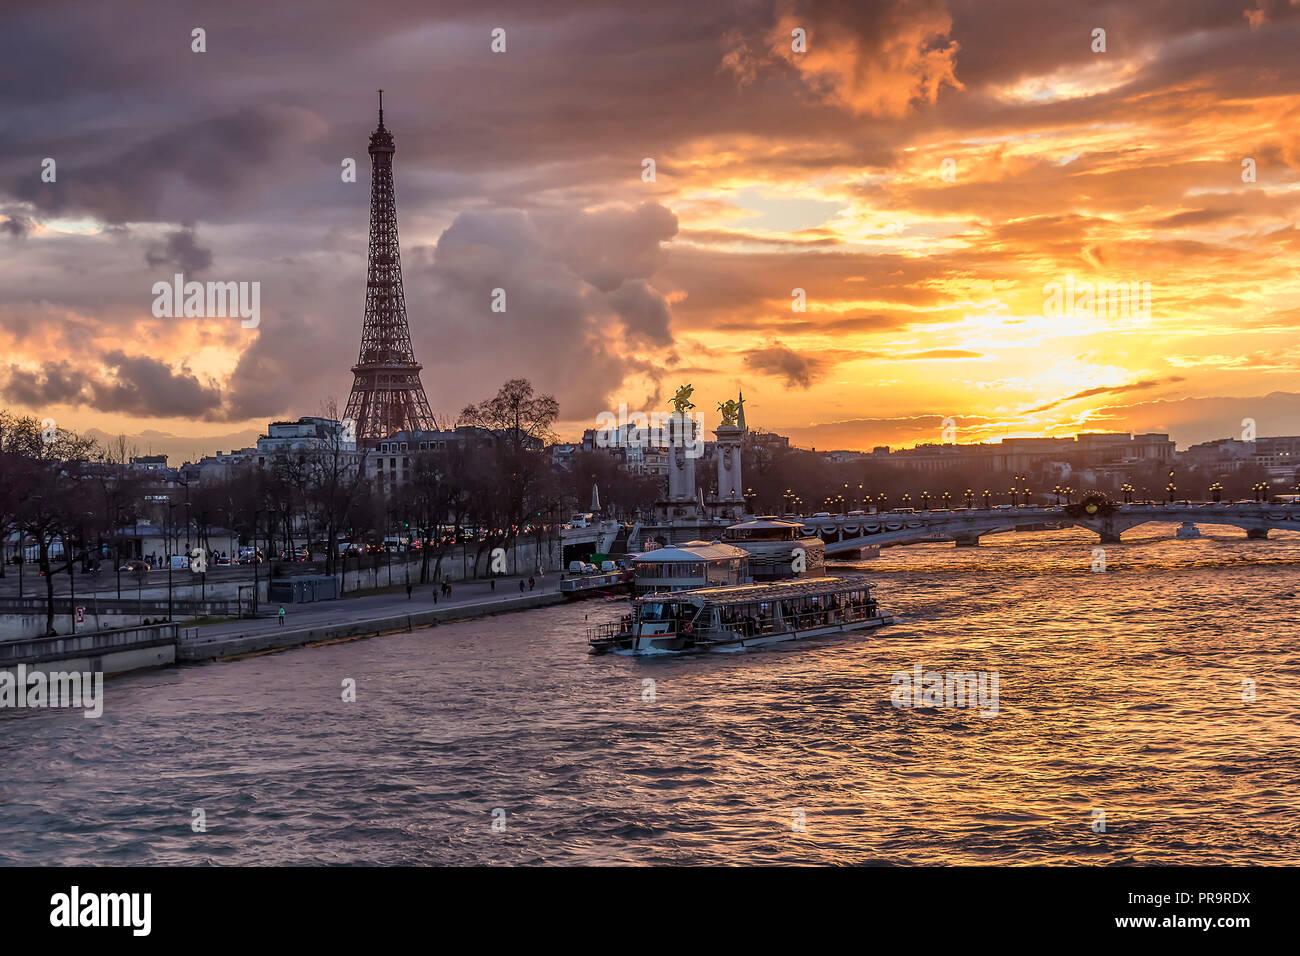 Sonnenuntergang in Paris, mit Seine, Pont Alexandre III und dem Eiffel Turm gelegen. Stockbild